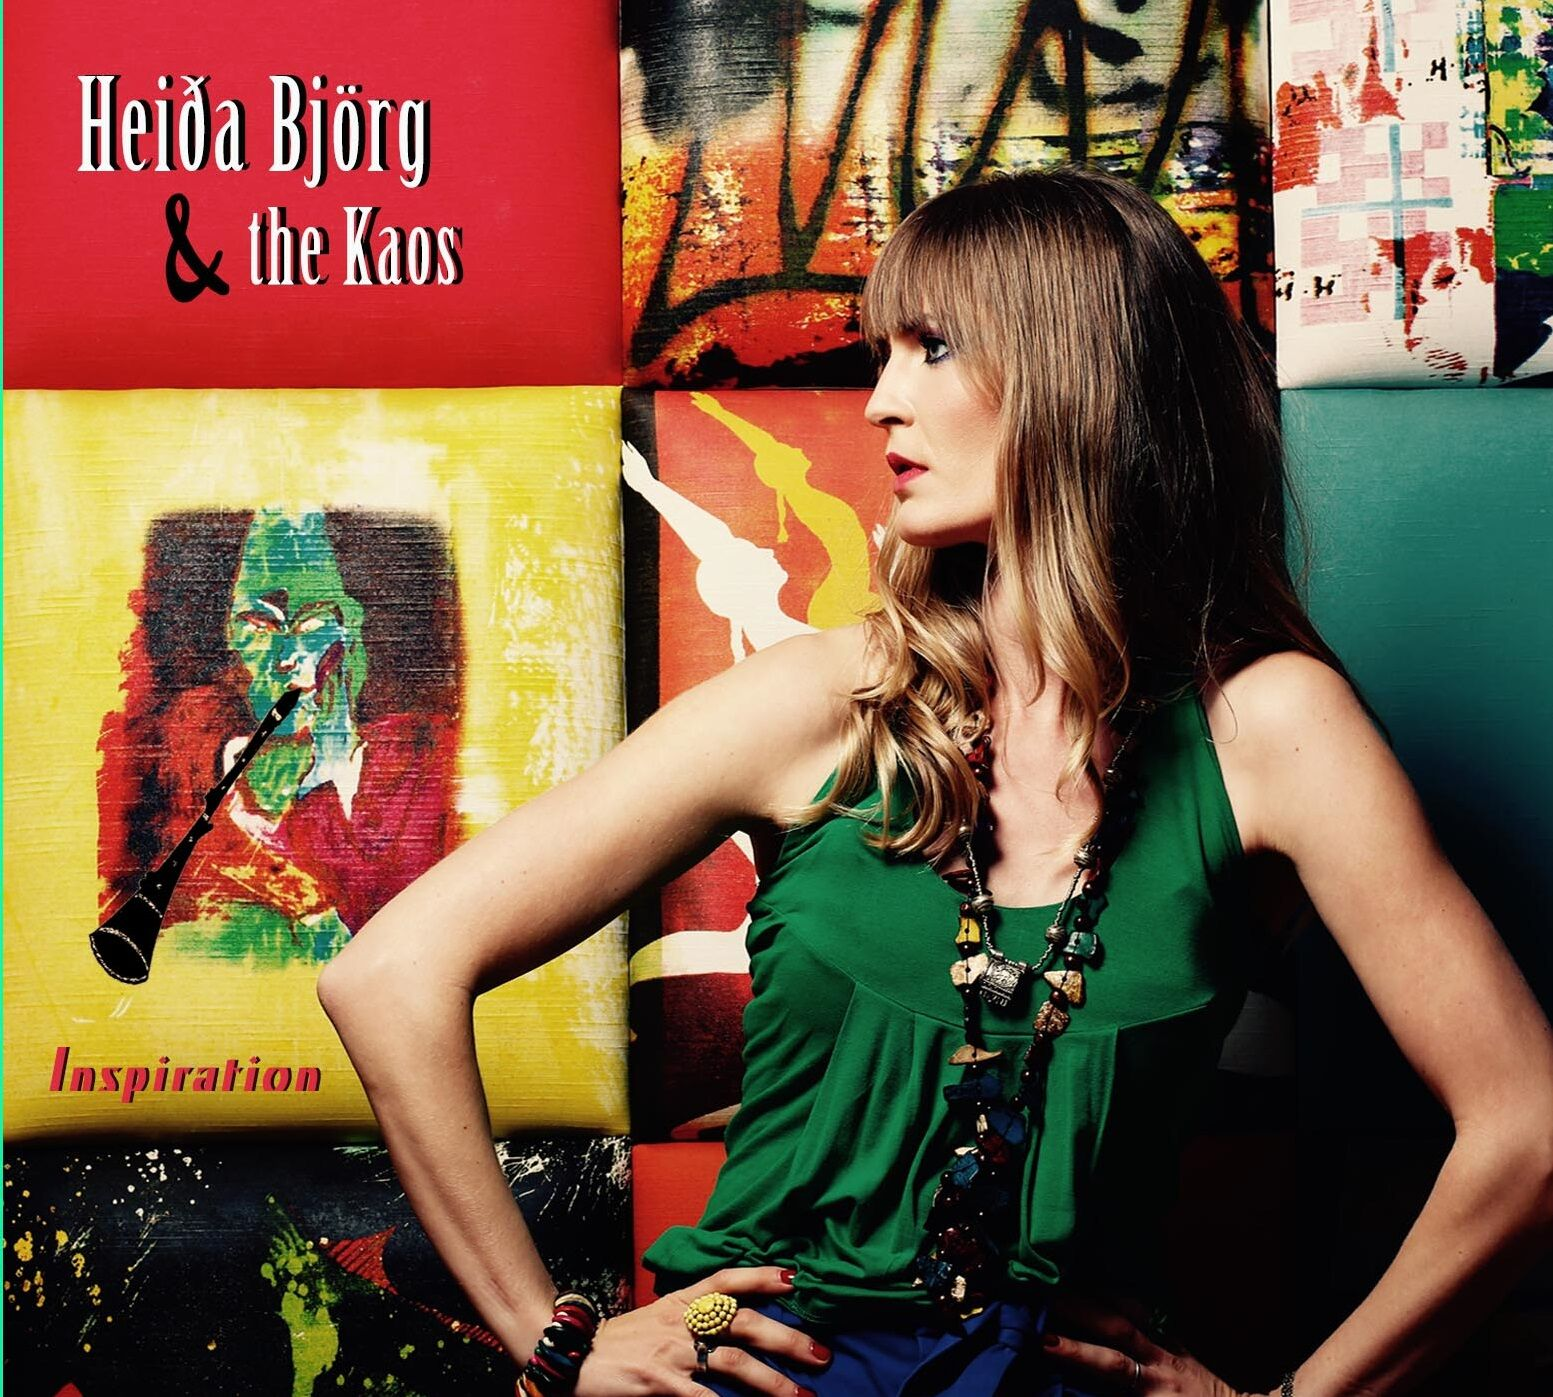 Le nouvel album d'Heiða Björg & The Kaos confirme que divine ou lunaire, l'inspiration reste indispensable à toute création !